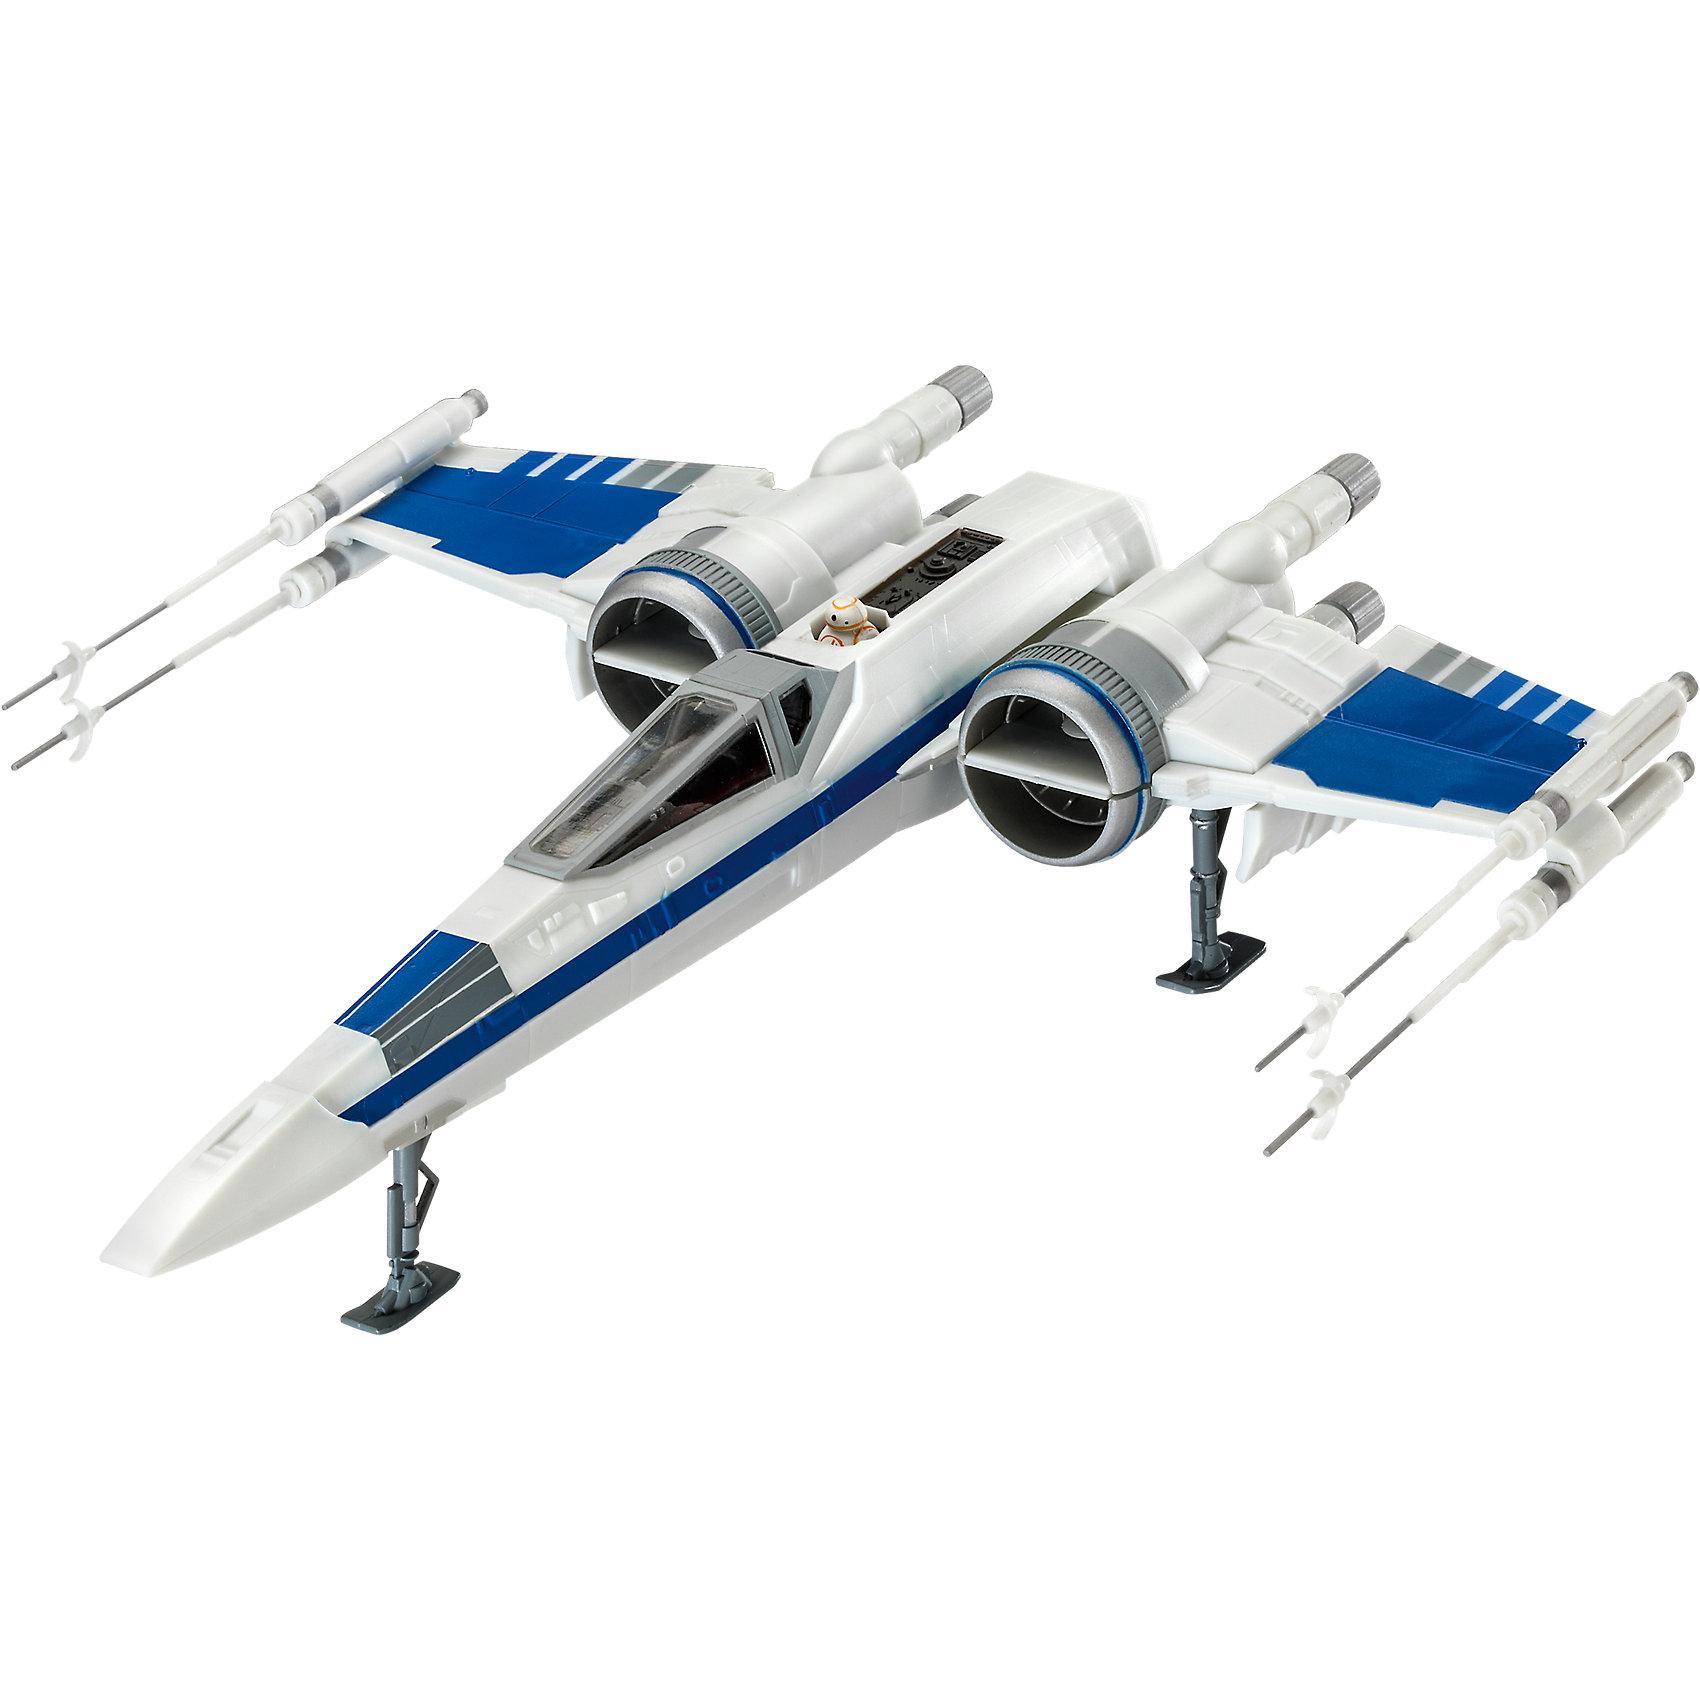 Сборная модель Звездные войны «Истребитель X-Wing Сопротивления» (1:50), EasykitЗвездные войны Игры и Пазлы<br>Сборная модель Звездные войны «Истребитель X-Wing», является точной копией истребителя из фильма Звездные войны. Корпус самолета имеет интересный дизайн и очень детализирован. Белый самолет с желтыми и красными вставками не сможет оставить без внимания мальчика. Истребитель имеет внешние ракетные установки. Вместительная кабина вмещает одного пилота. Готовая модель устанавливается на черную подставку. Собирая данную модель, юный конструктор очутиться в мире фантастических приключений космоса.   <br>Модель истребителя выполнена в масштабе 1:50.  <br>Количество элементов: 55. Размер собранной модели: 25,1 х 22,4 см.  <br>Сборная модель продается в красочной коробке из плотного картона.  <br>Рекомендуемый возраст: от 8 лет.<br><br>Ширина мм: 371<br>Глубина мм: 240<br>Высота мм: 79<br>Вес г: 404<br>Возраст от месяцев: 96<br>Возраст до месяцев: 156<br>Пол: Мужской<br>Возраст: Детский<br>SKU: 4161720